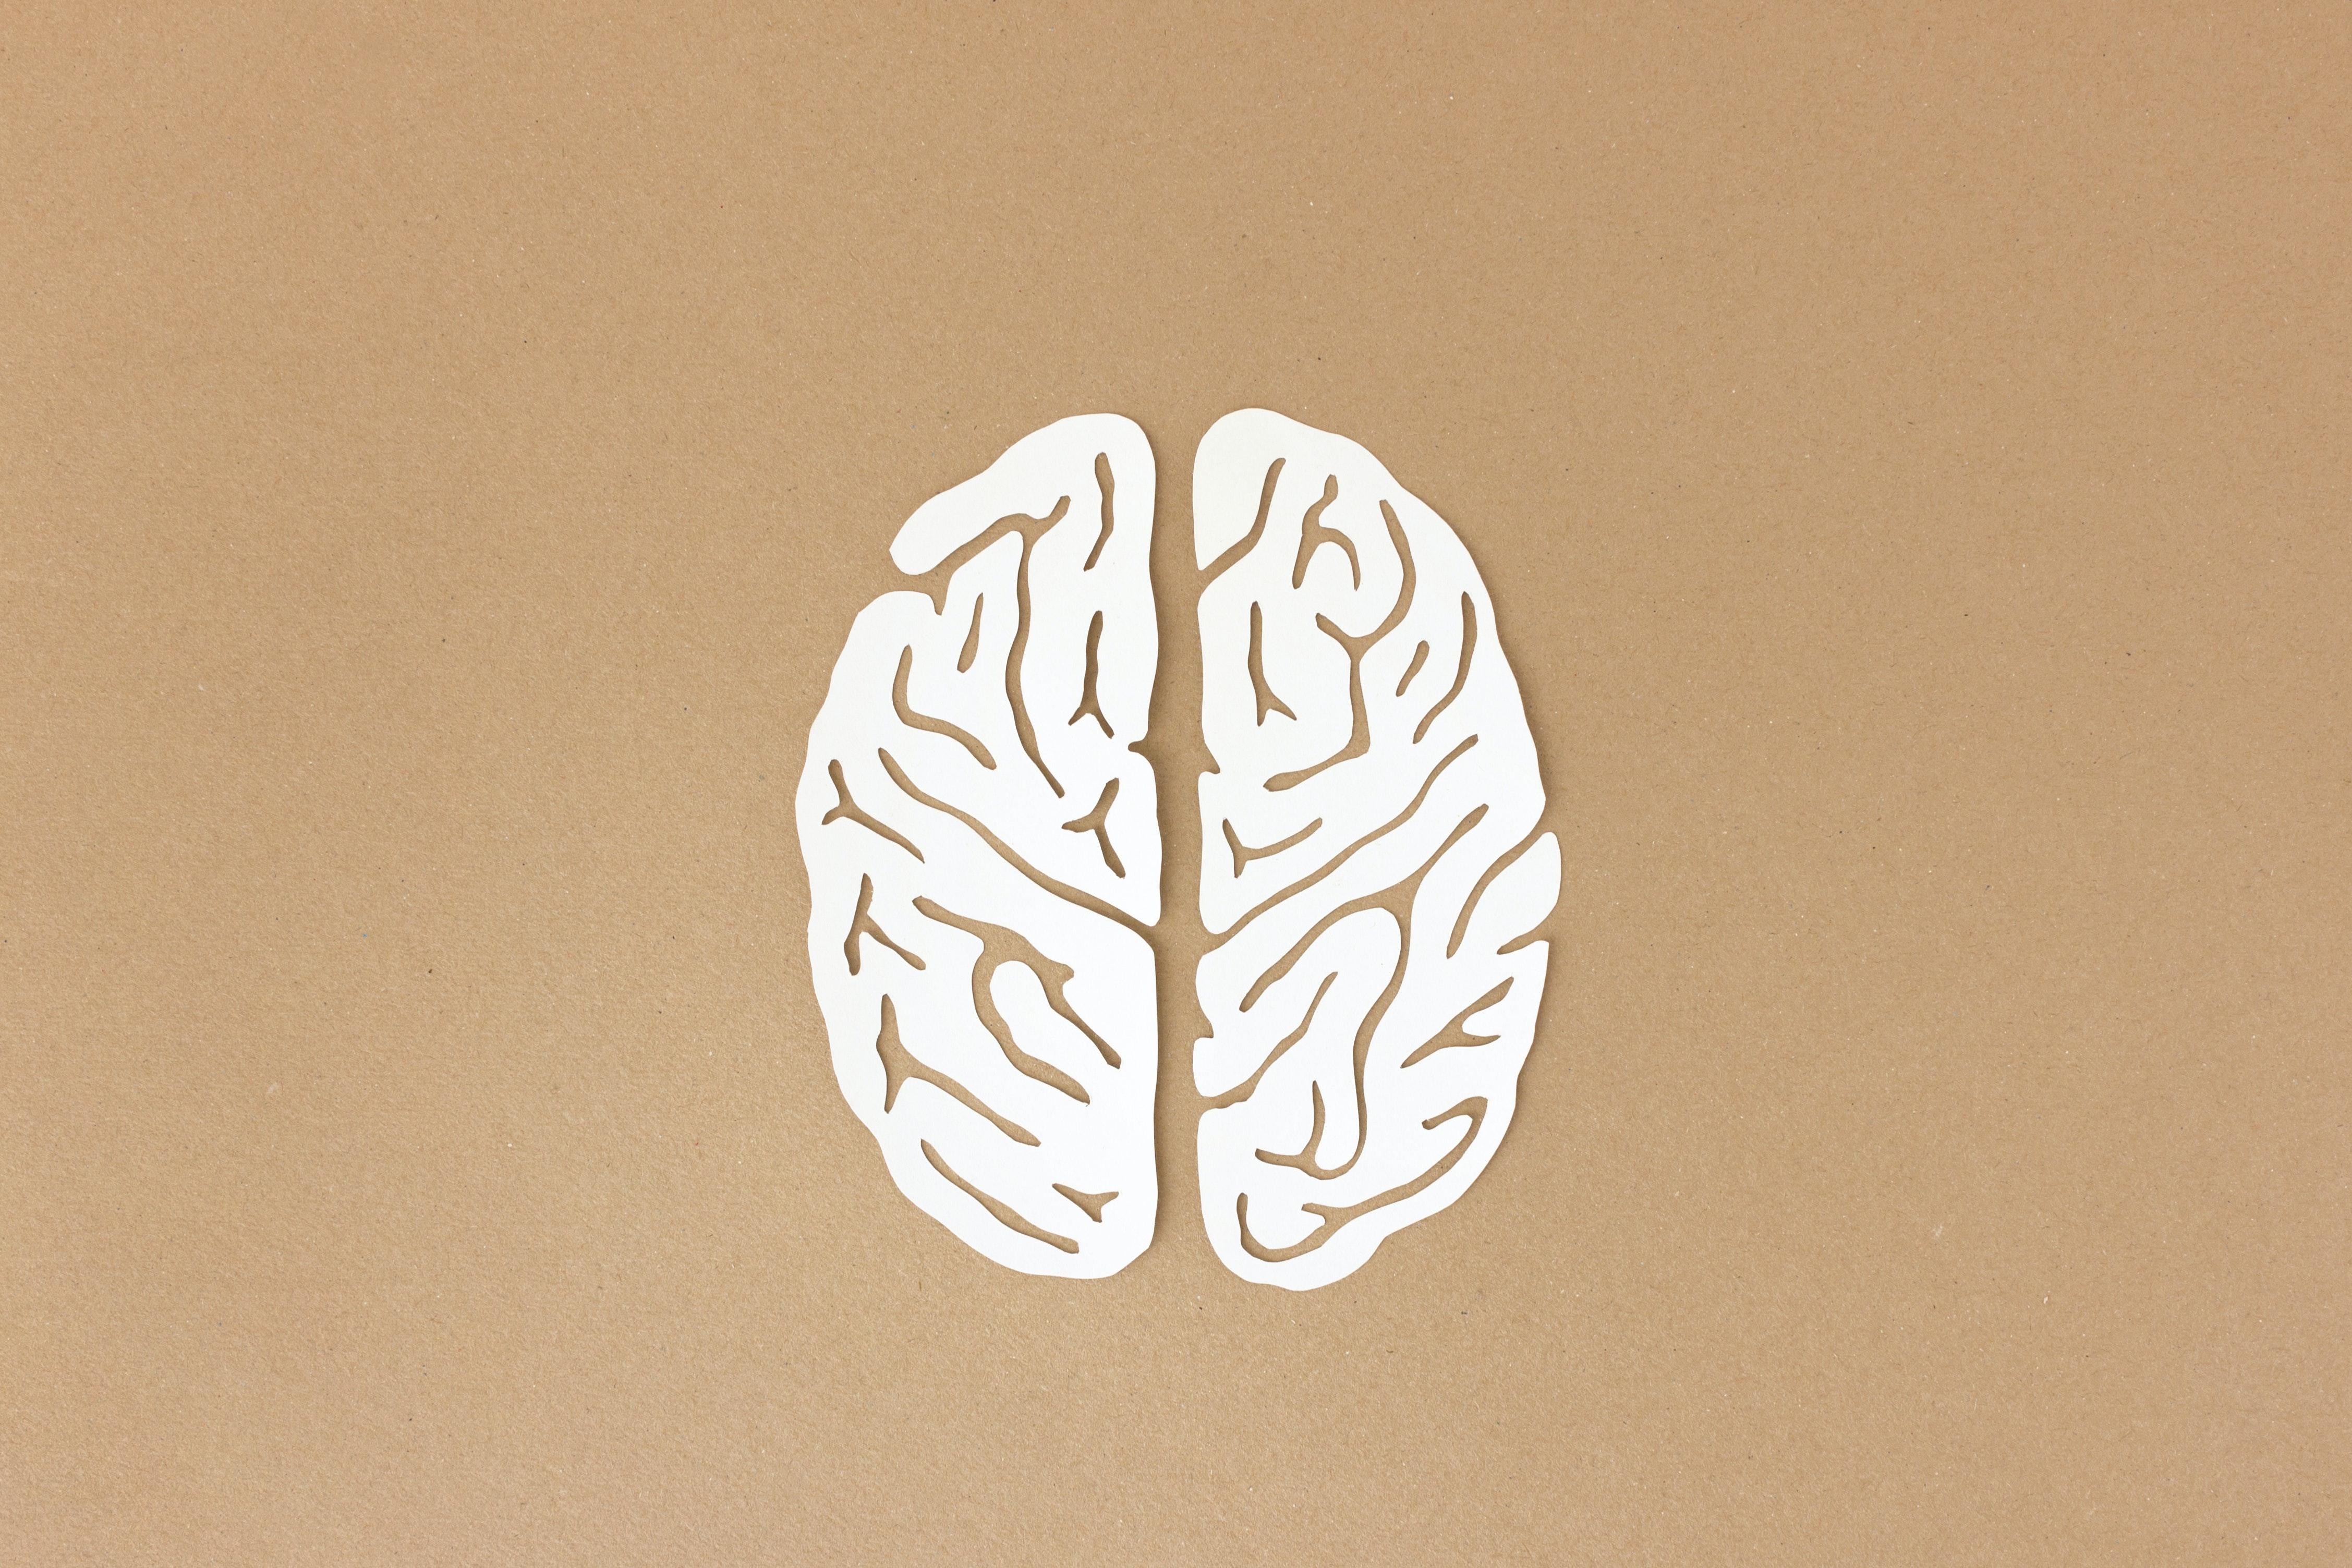 Gehirn symbolbild wirtschaftspsychologie gehalt.50e78ae8e42245a90889bca9014a86493